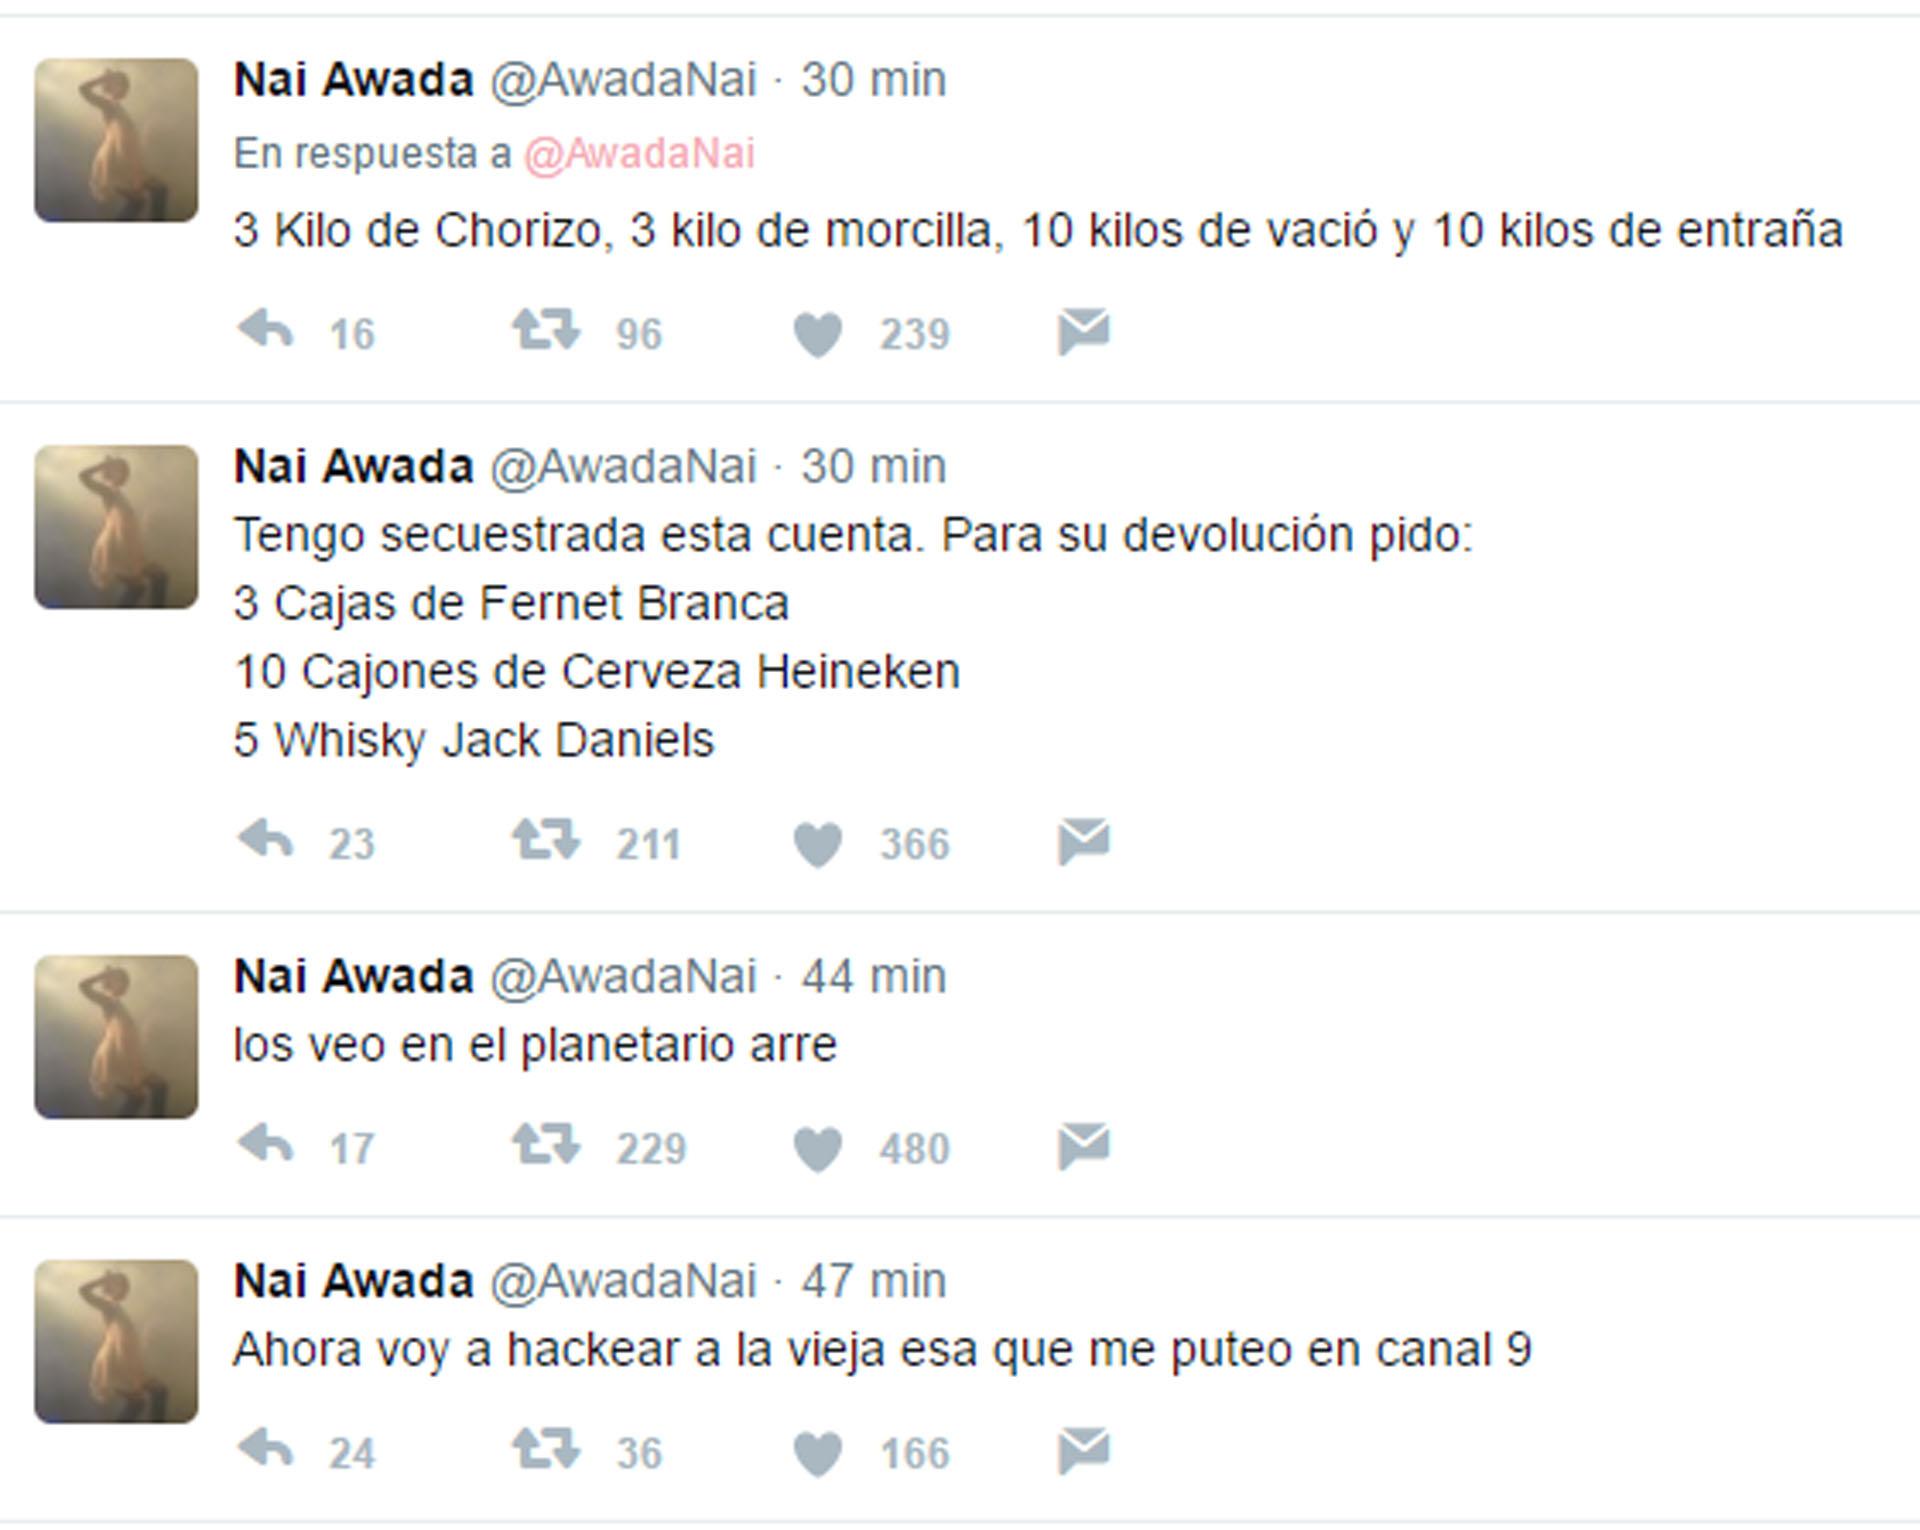 Algunos de los tuits que salieron desde la cuenta hackeada